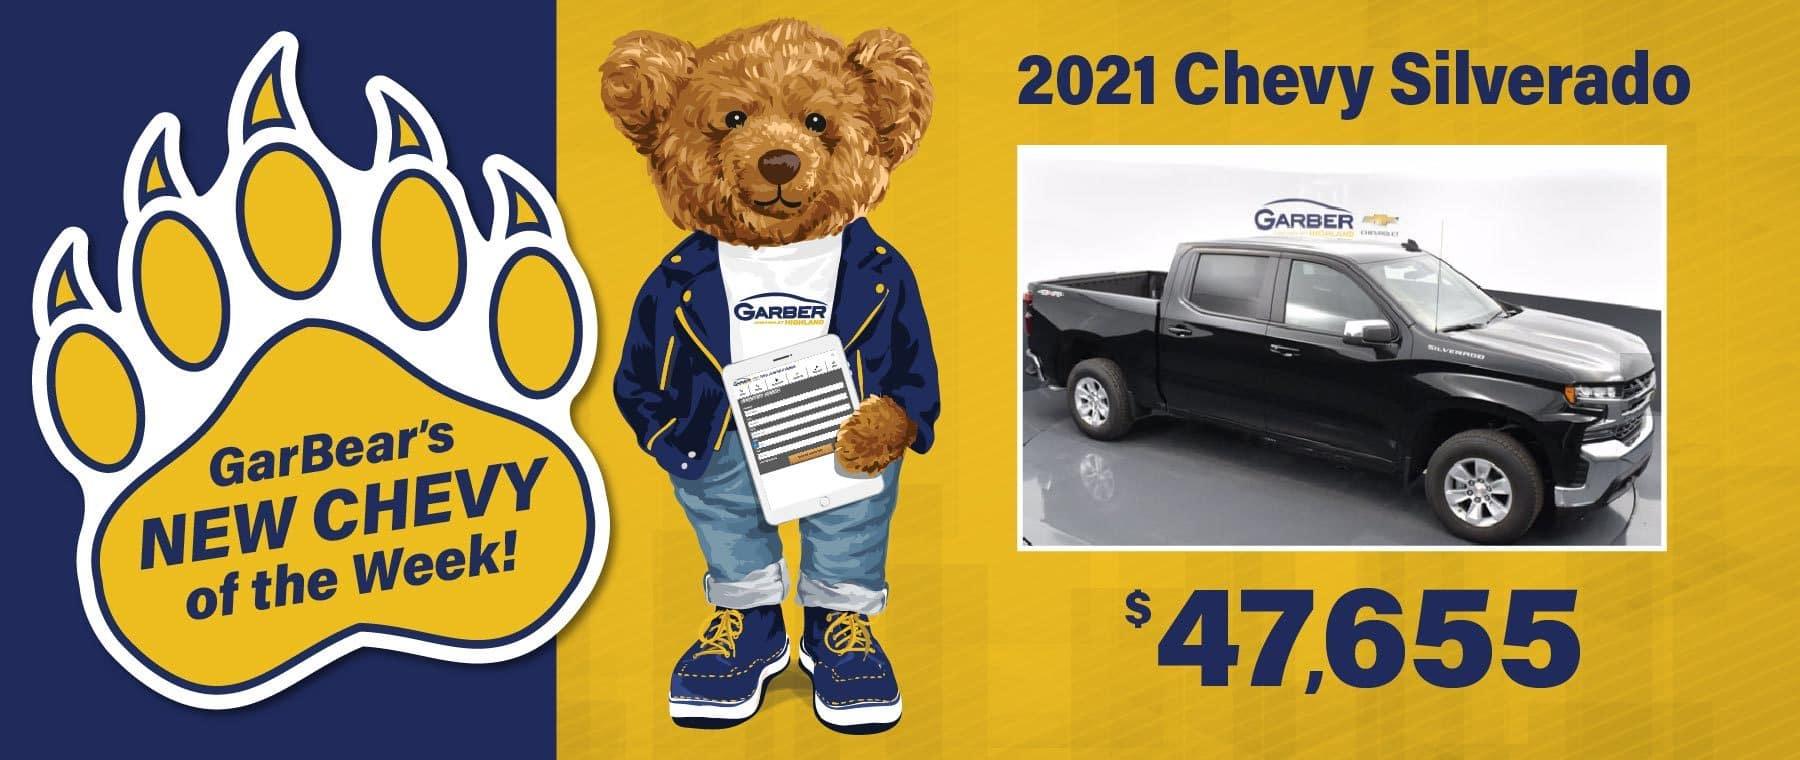 2021 Chevy Silverado - $47655